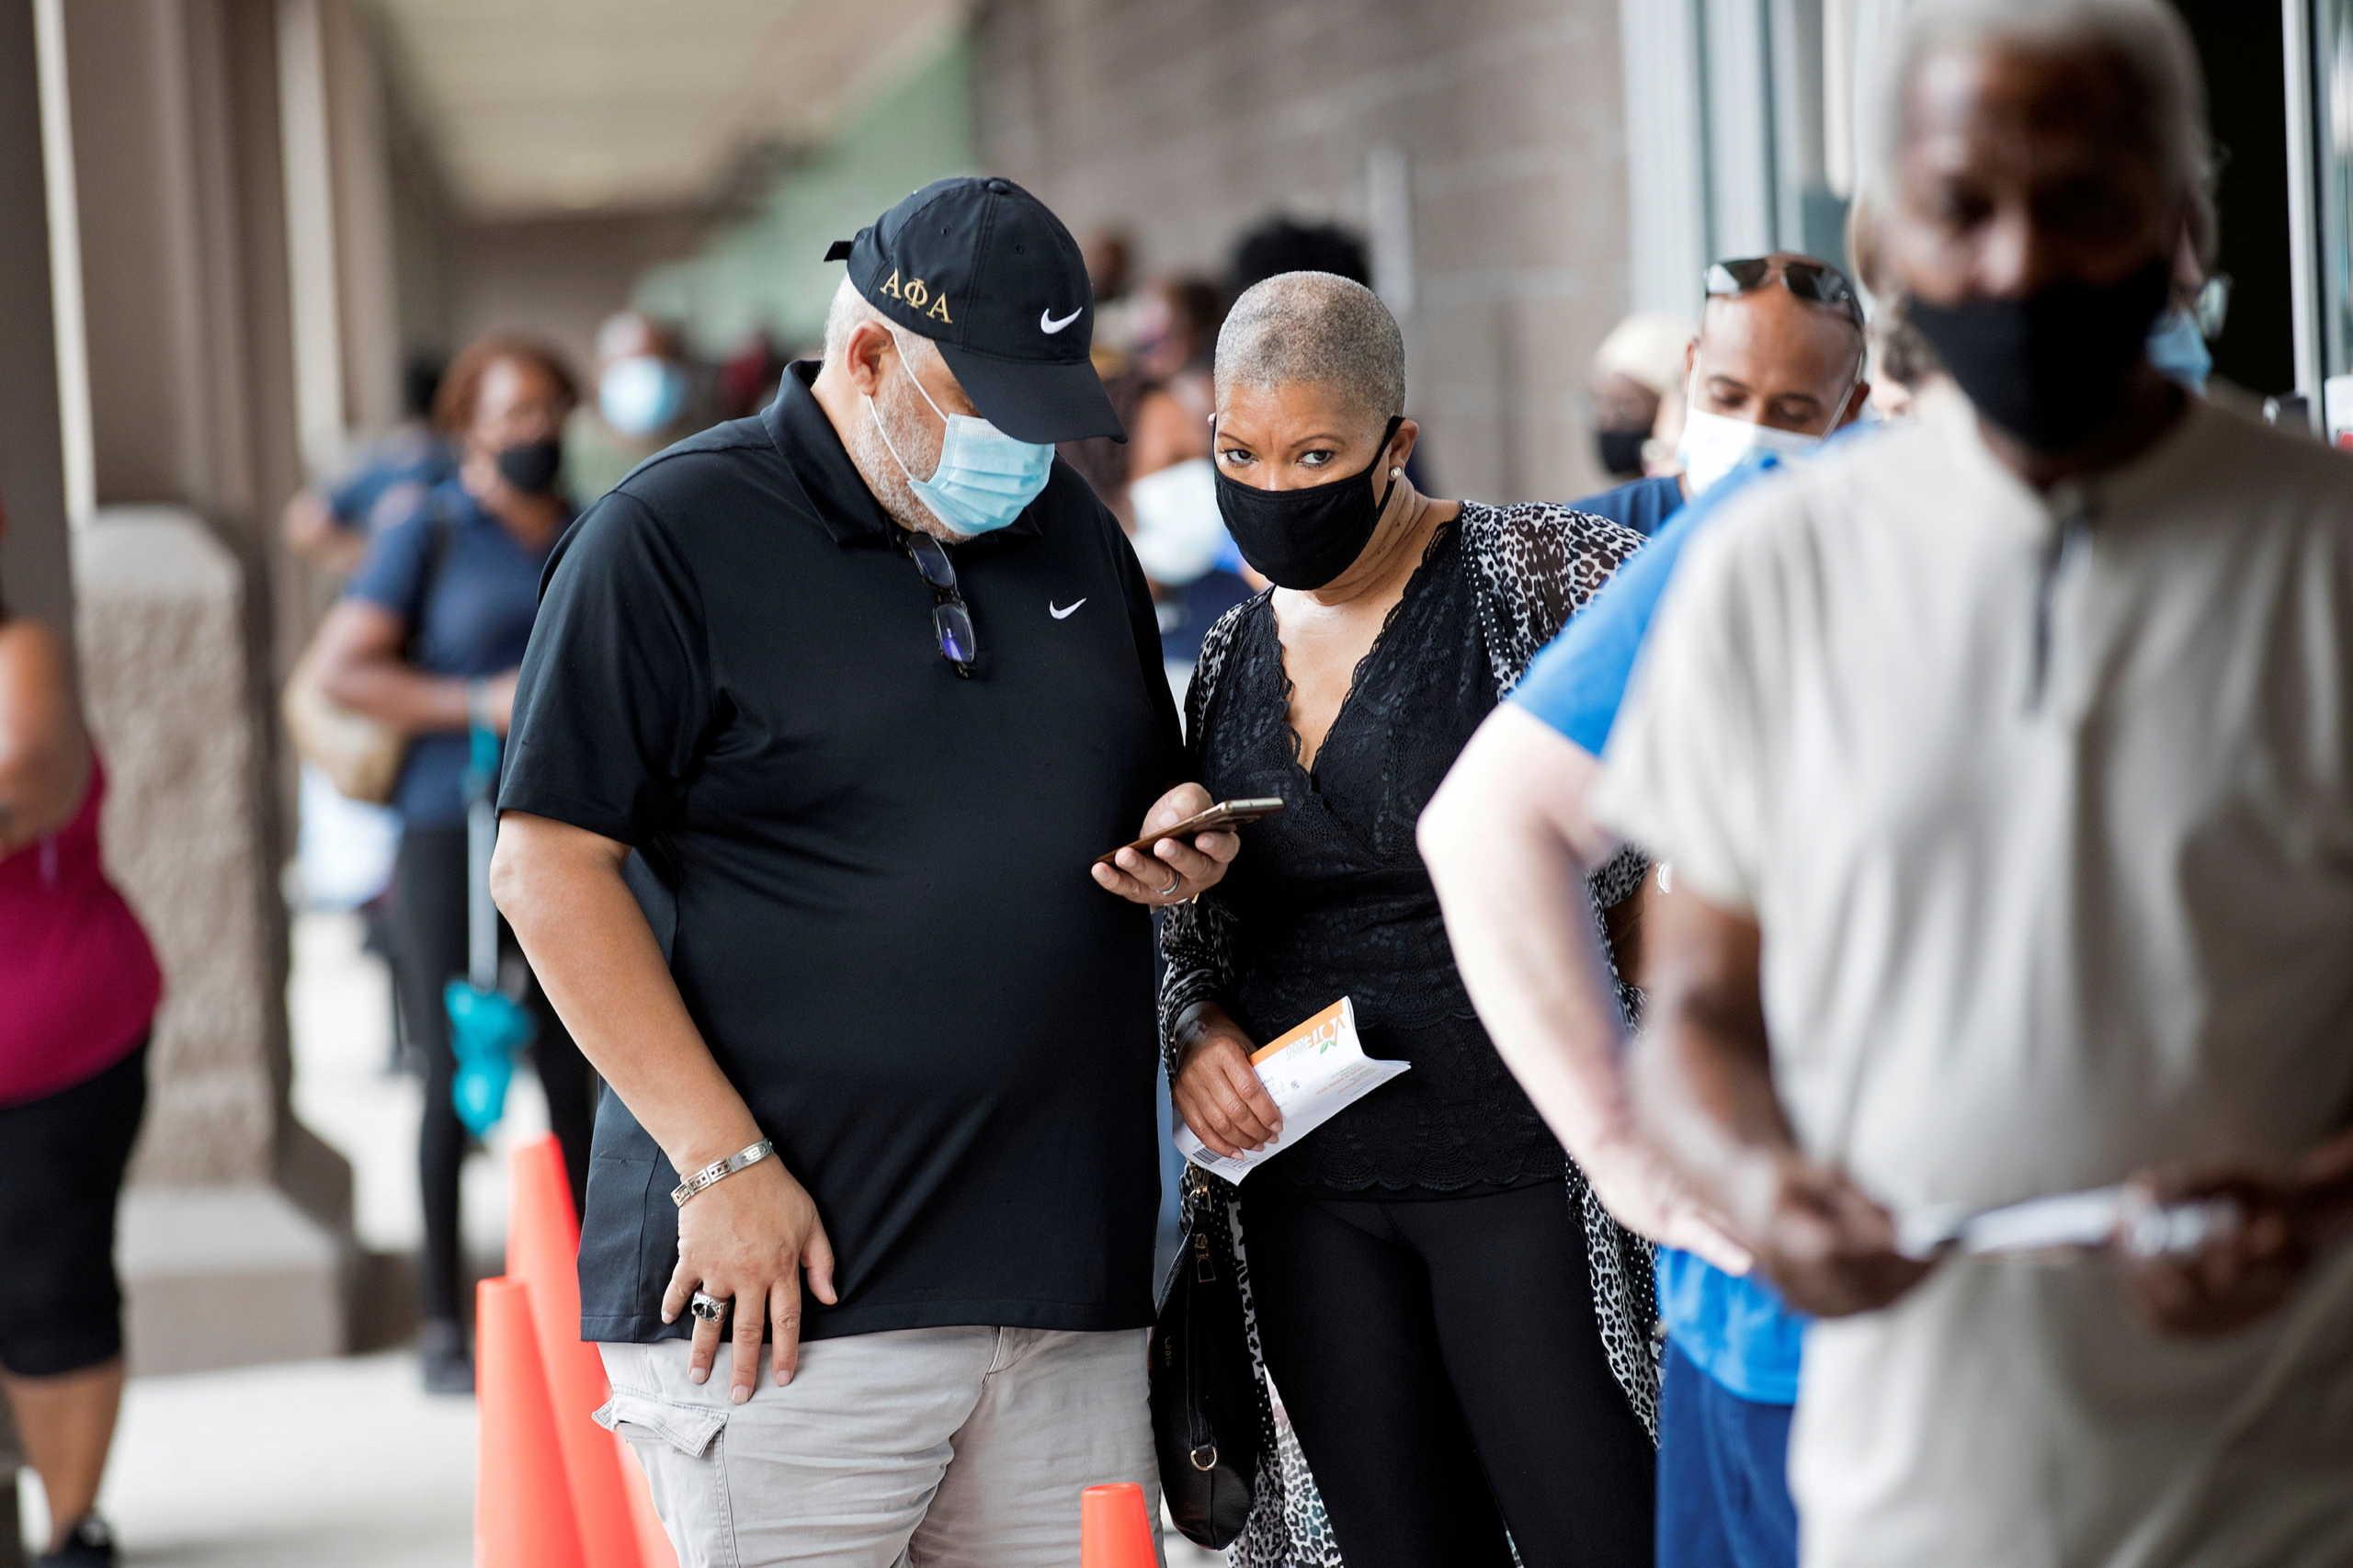 κάτοικοι της Φλόριντα με μάσκες